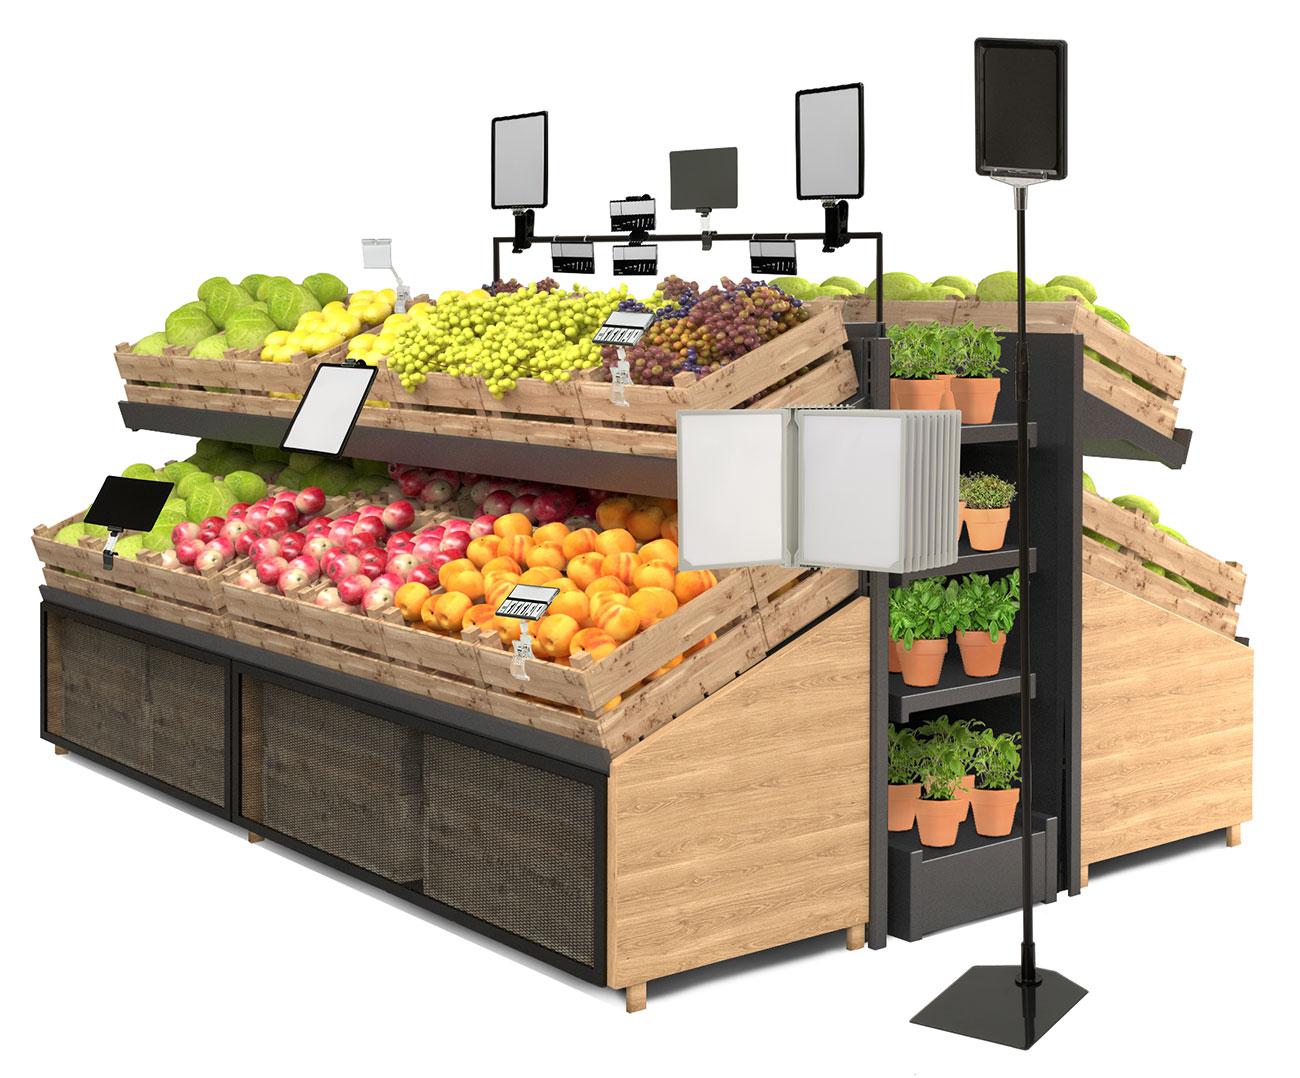 kasetki cenowe, stojaki, tabliczki cenowe na reglae z owocami